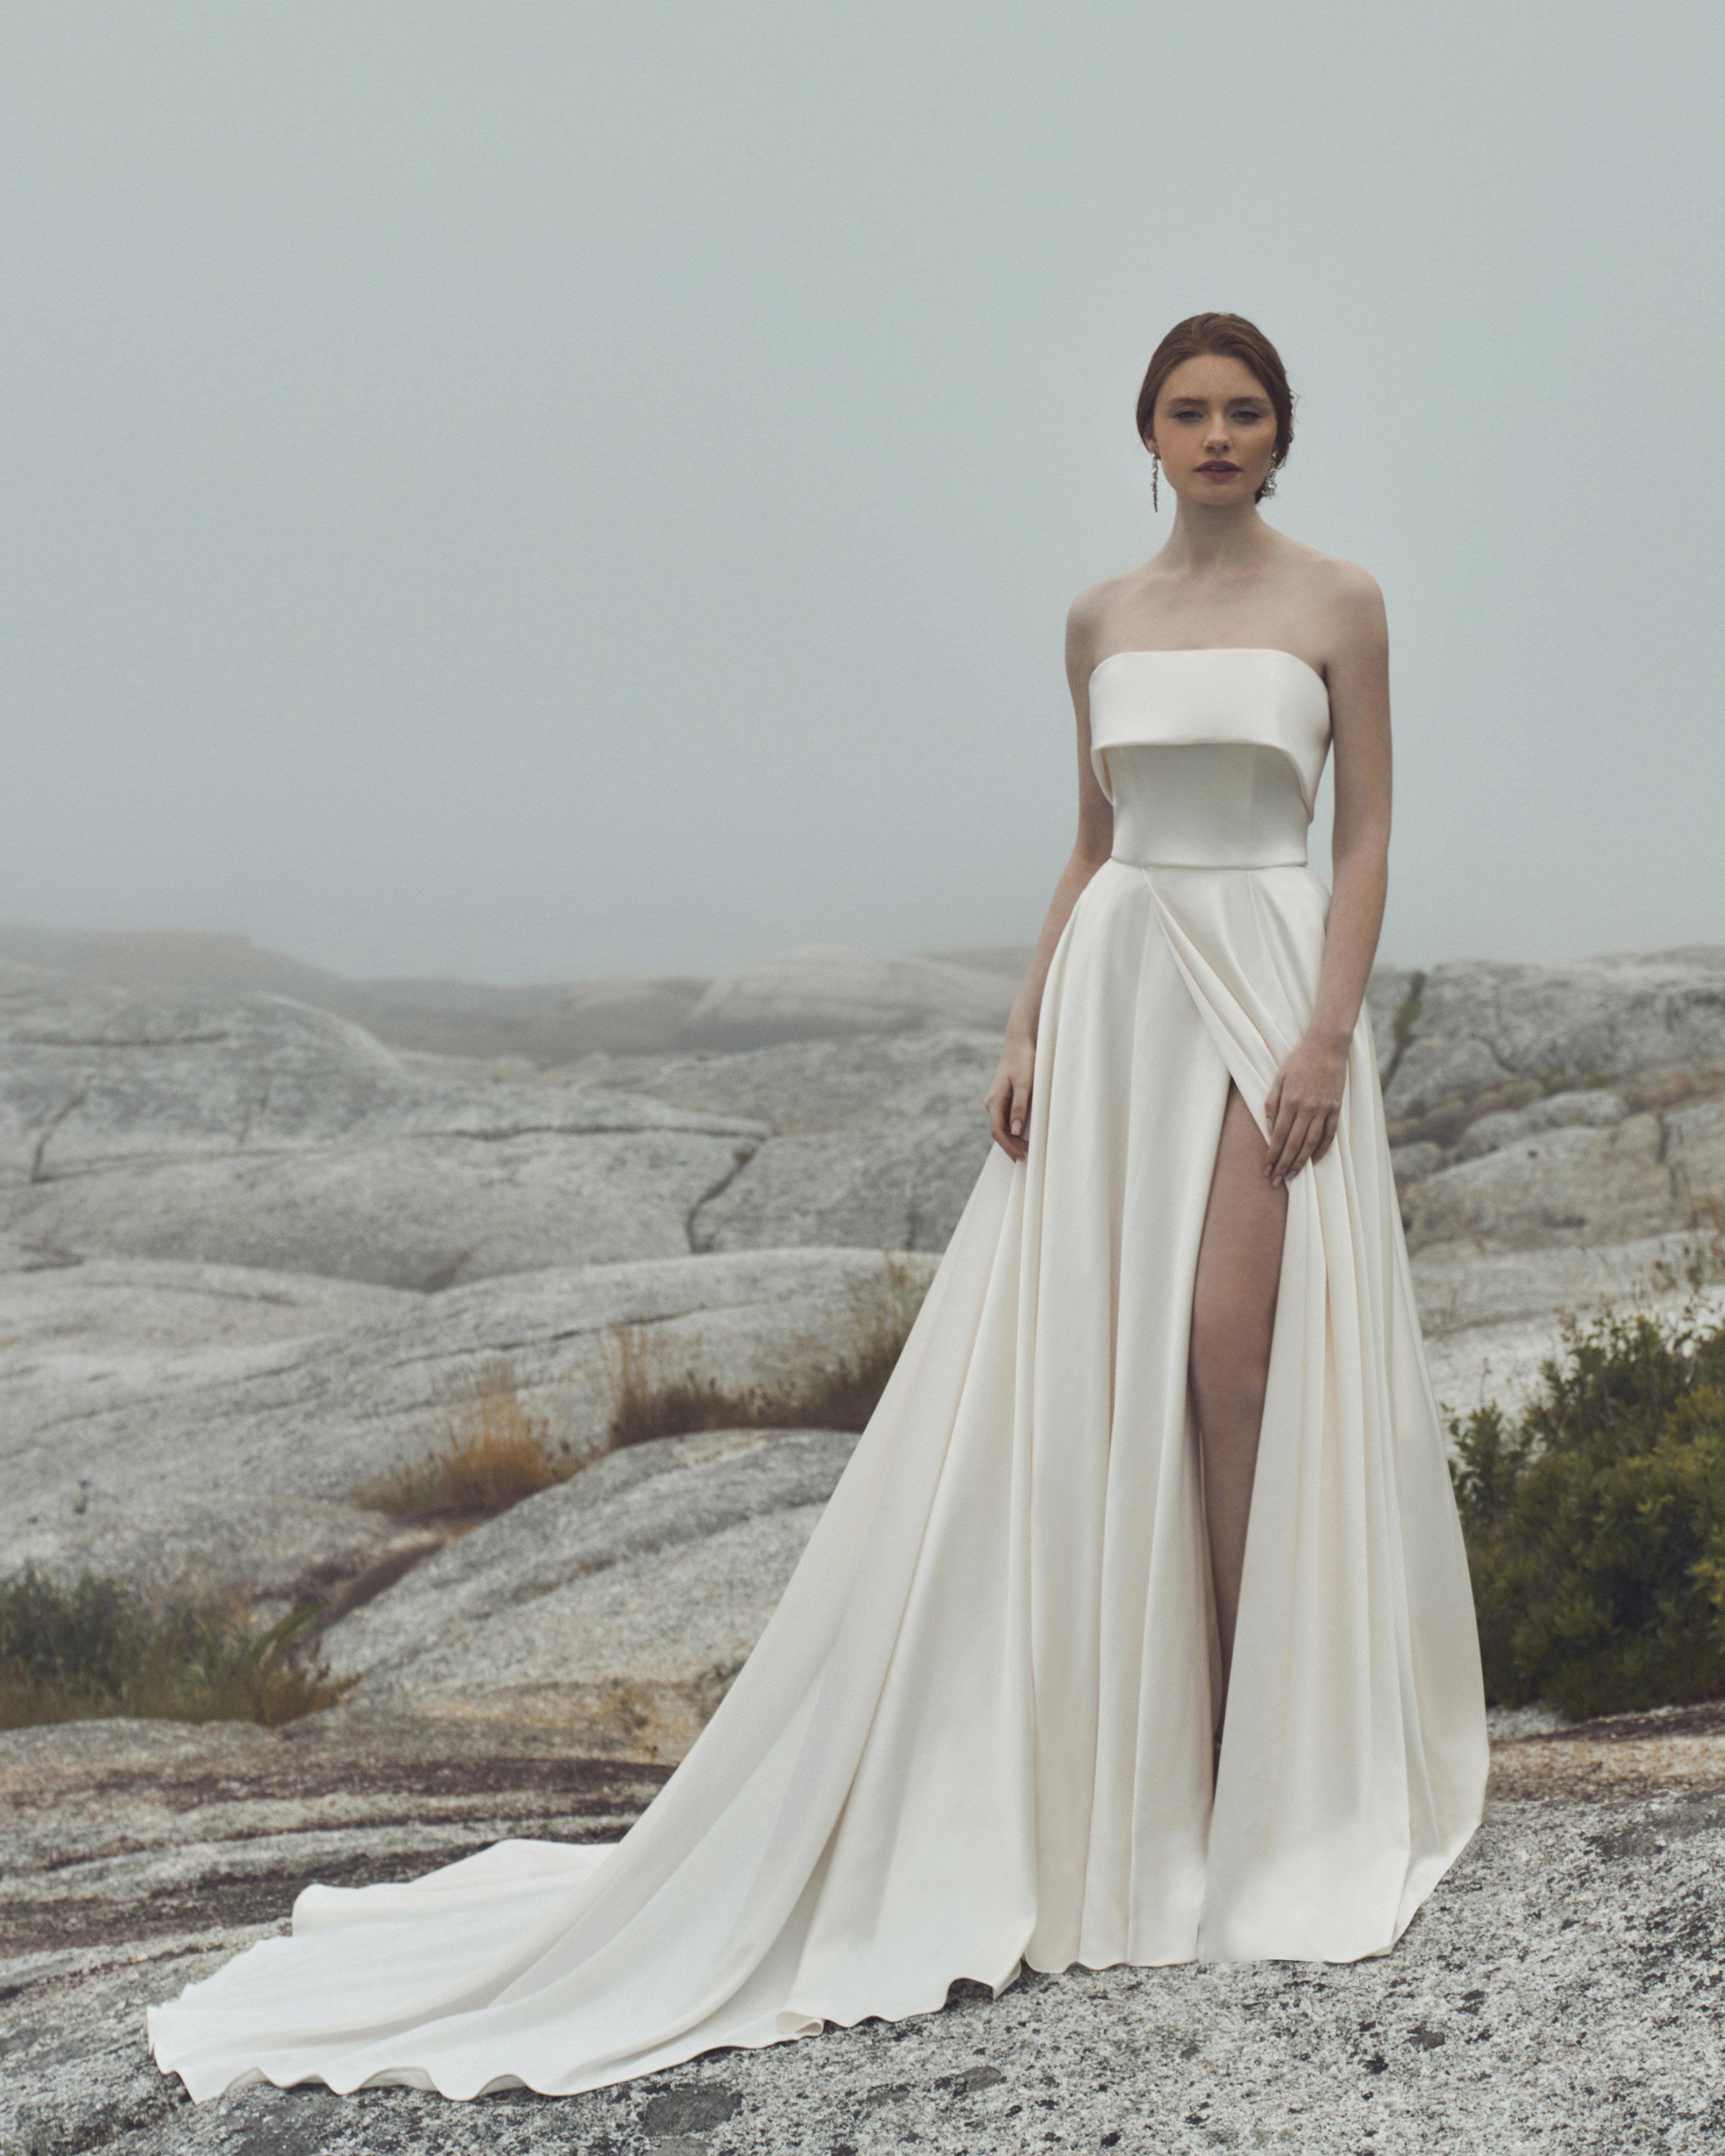 zara wedding dress off 20   medpharmres.com